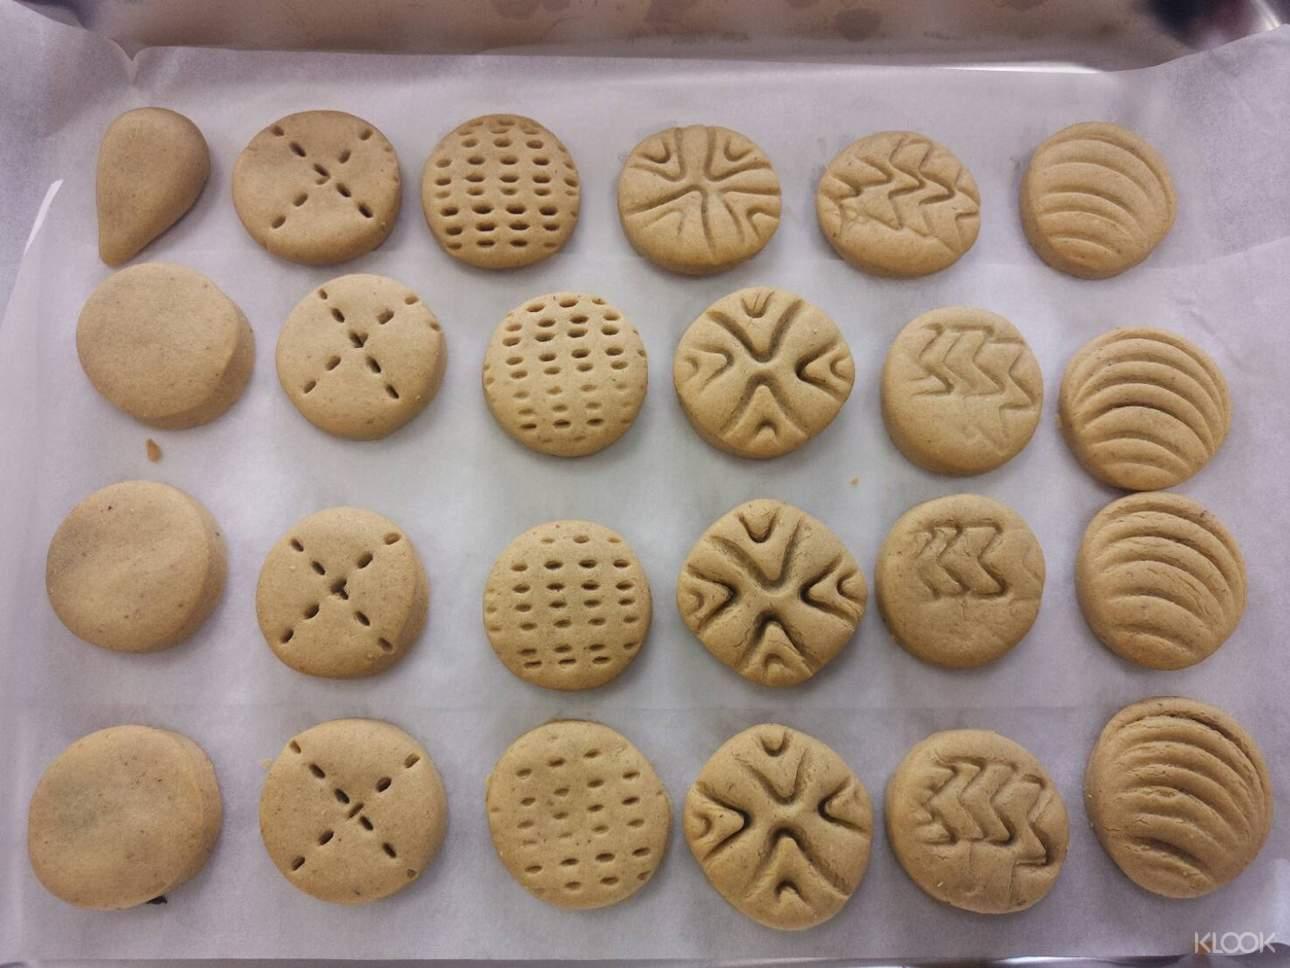 自己動手做出地瓜Q球,可愛造型餅乾